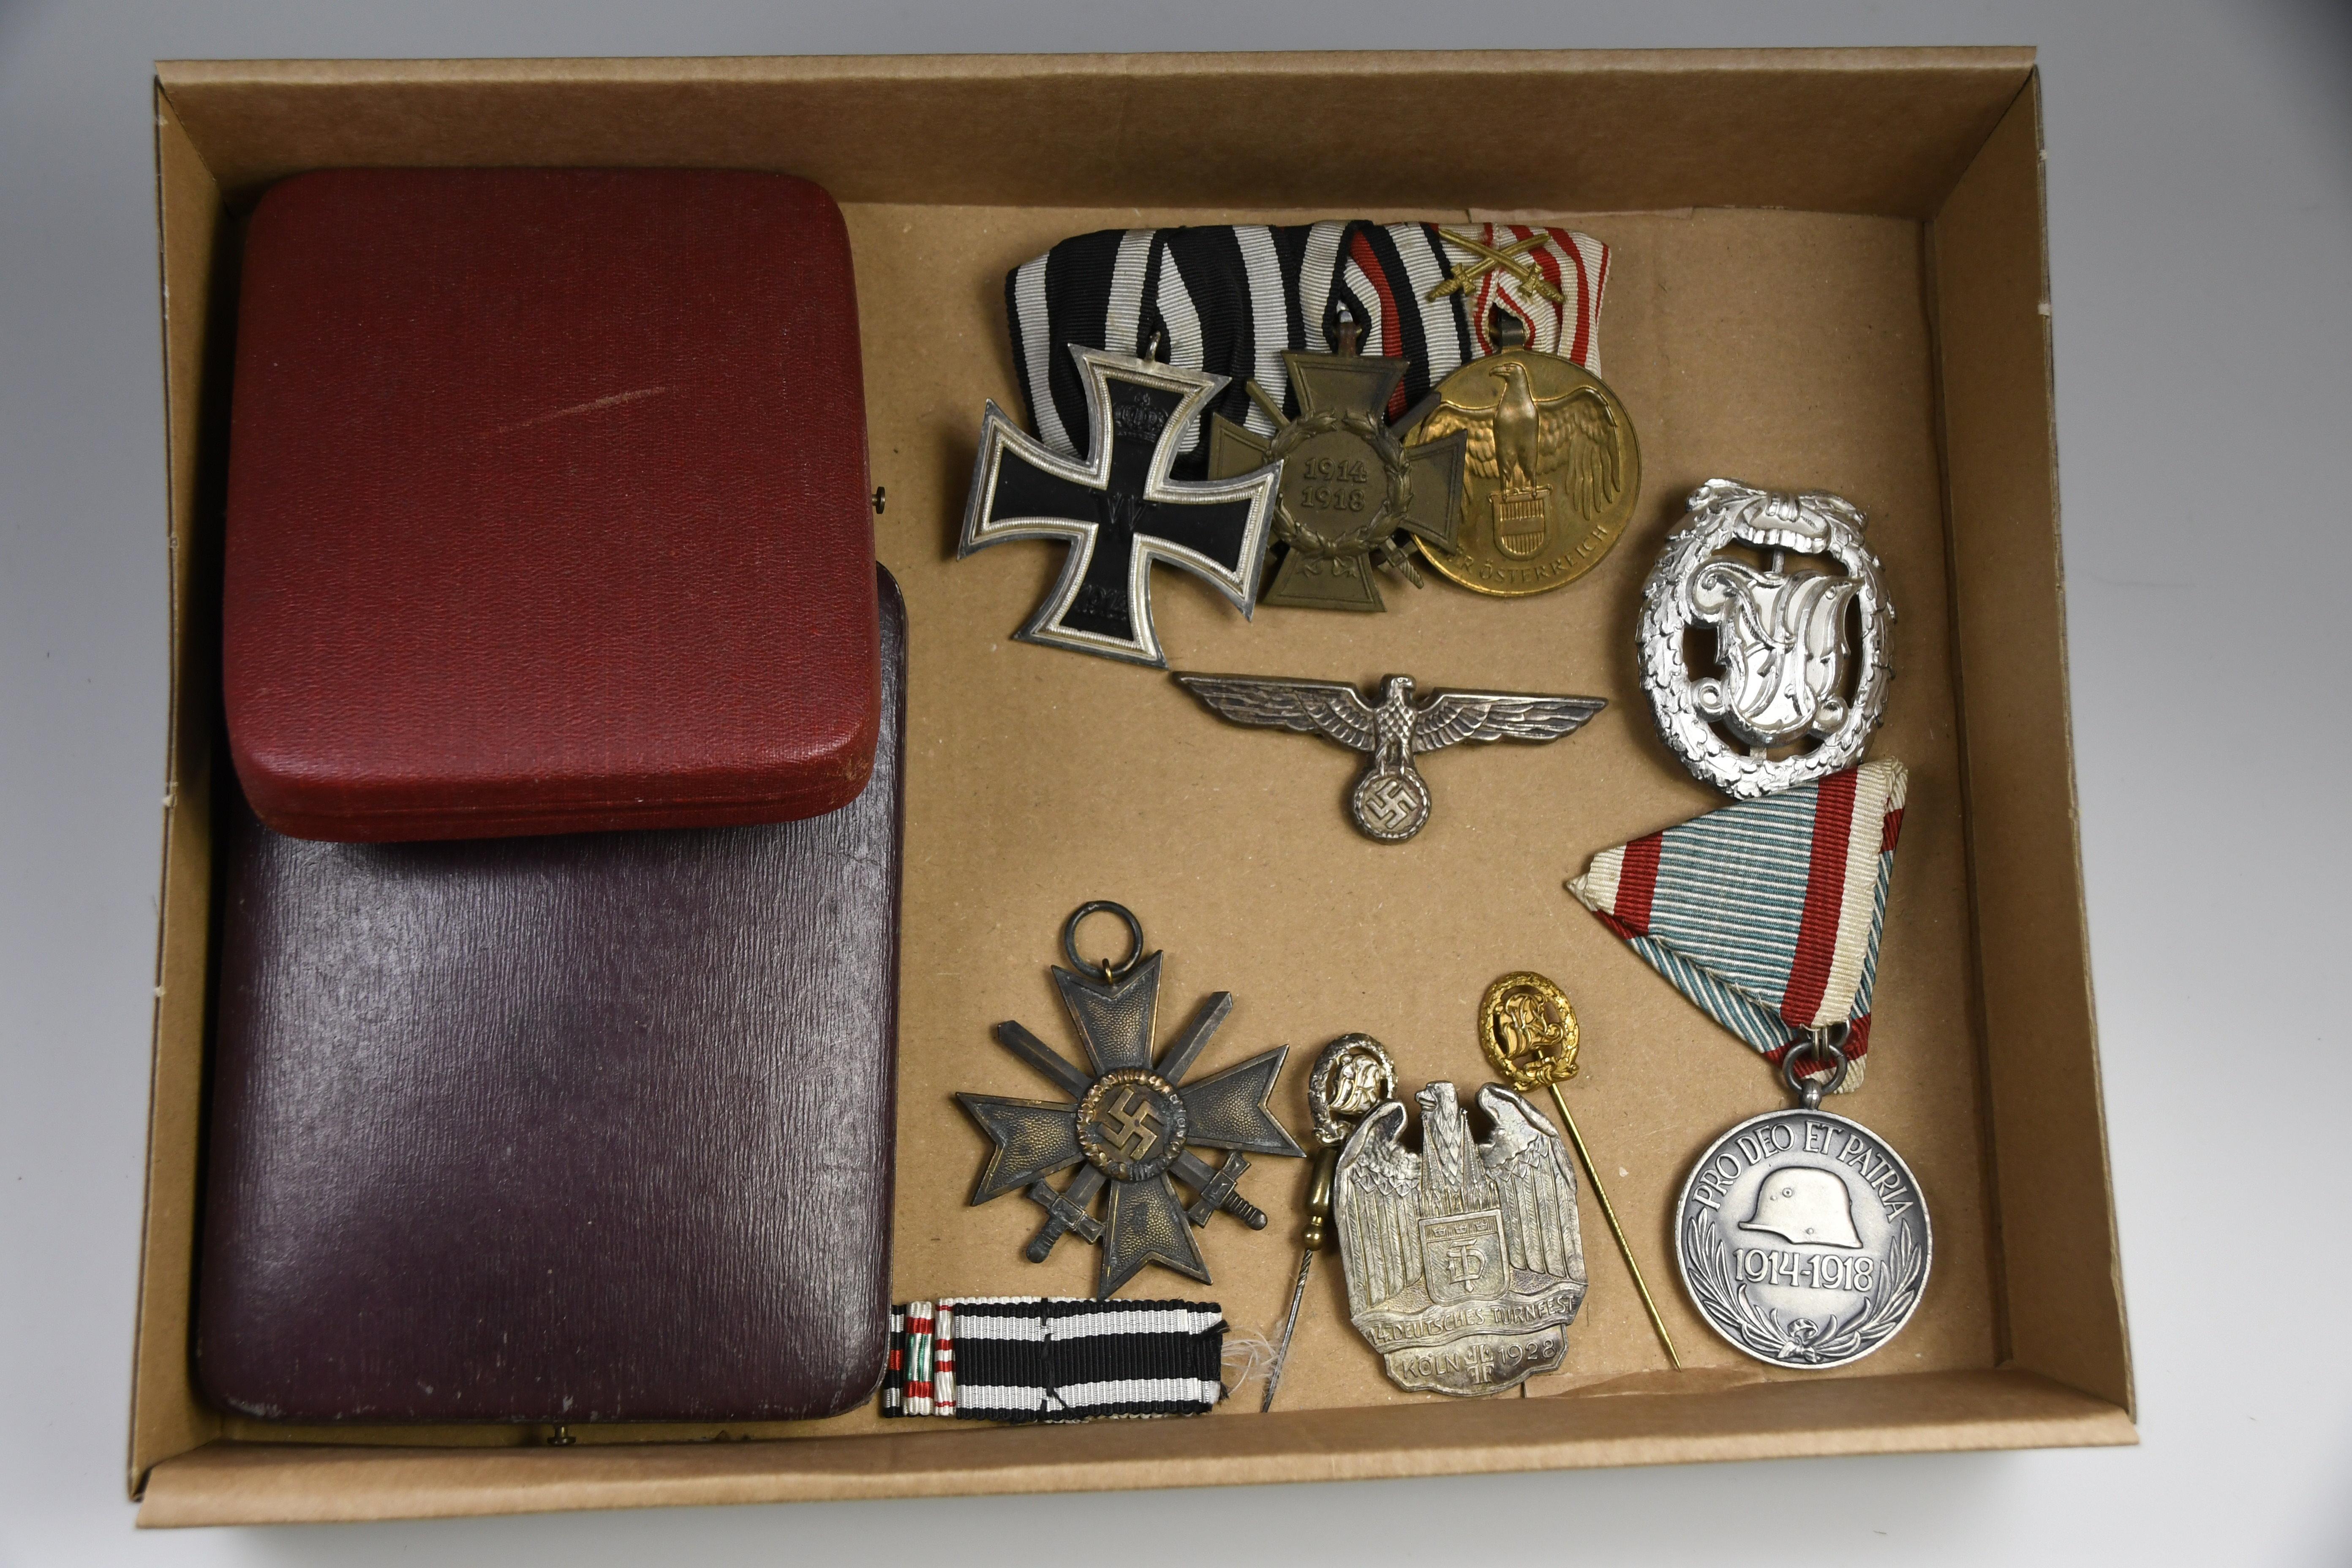 Lot 2684 - Sammlungen Orden und Abzeichen S -  Auktionshaus Ulrich Felzmann GmbH & Co. KG Auction 169